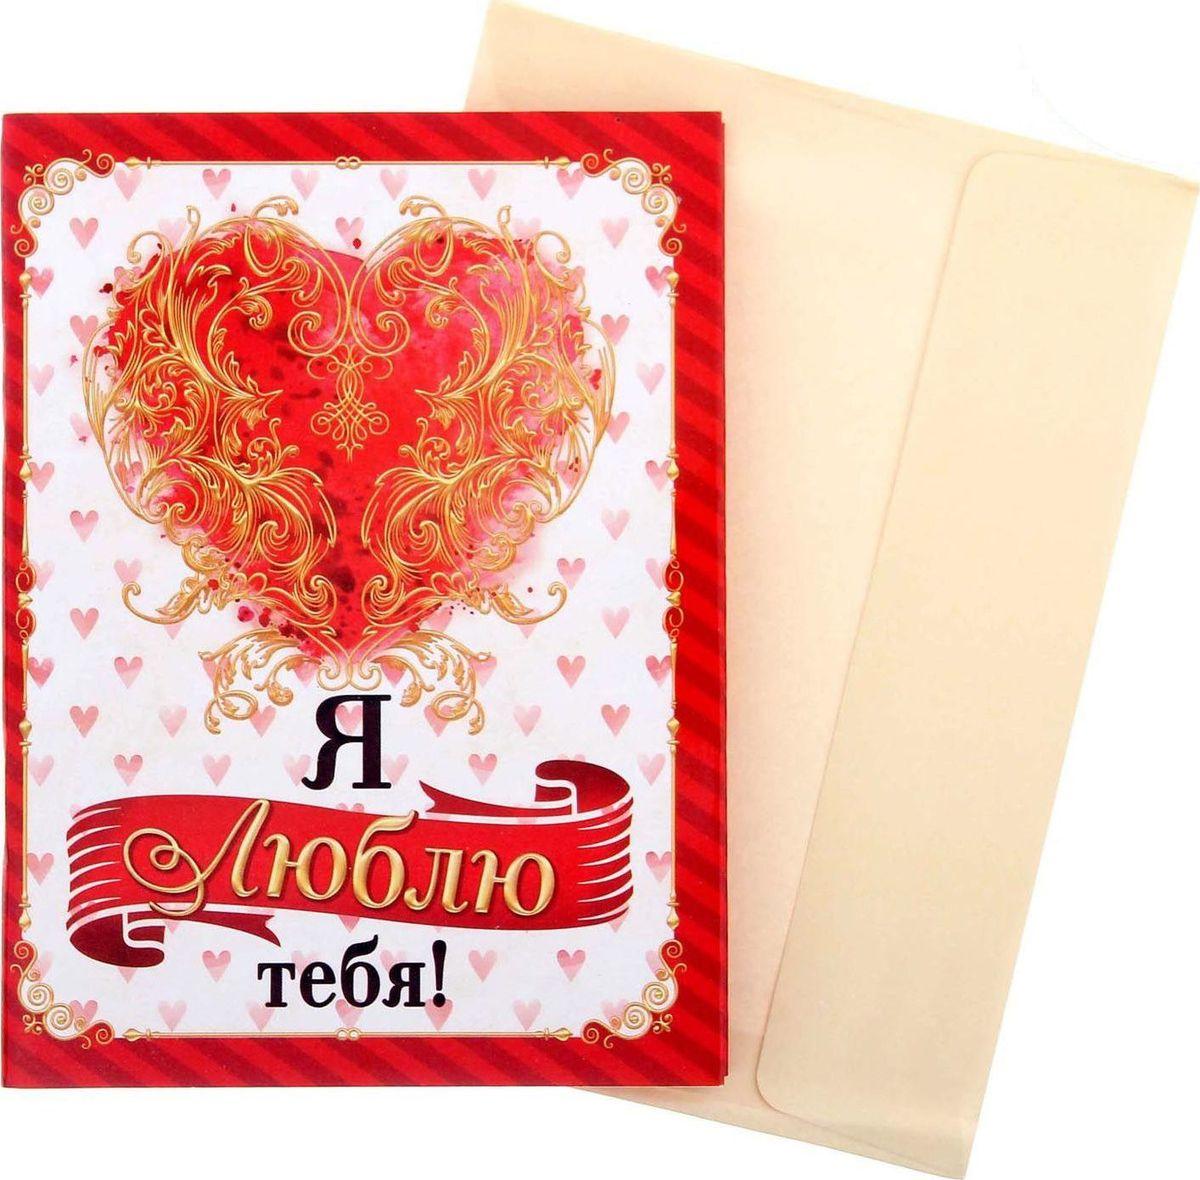 Блокнот-открытка Я люблю тебя 32 листа арт дизайн подарочный набор открытка с ручкой я не робинзон но пятницу люблю 0701 033